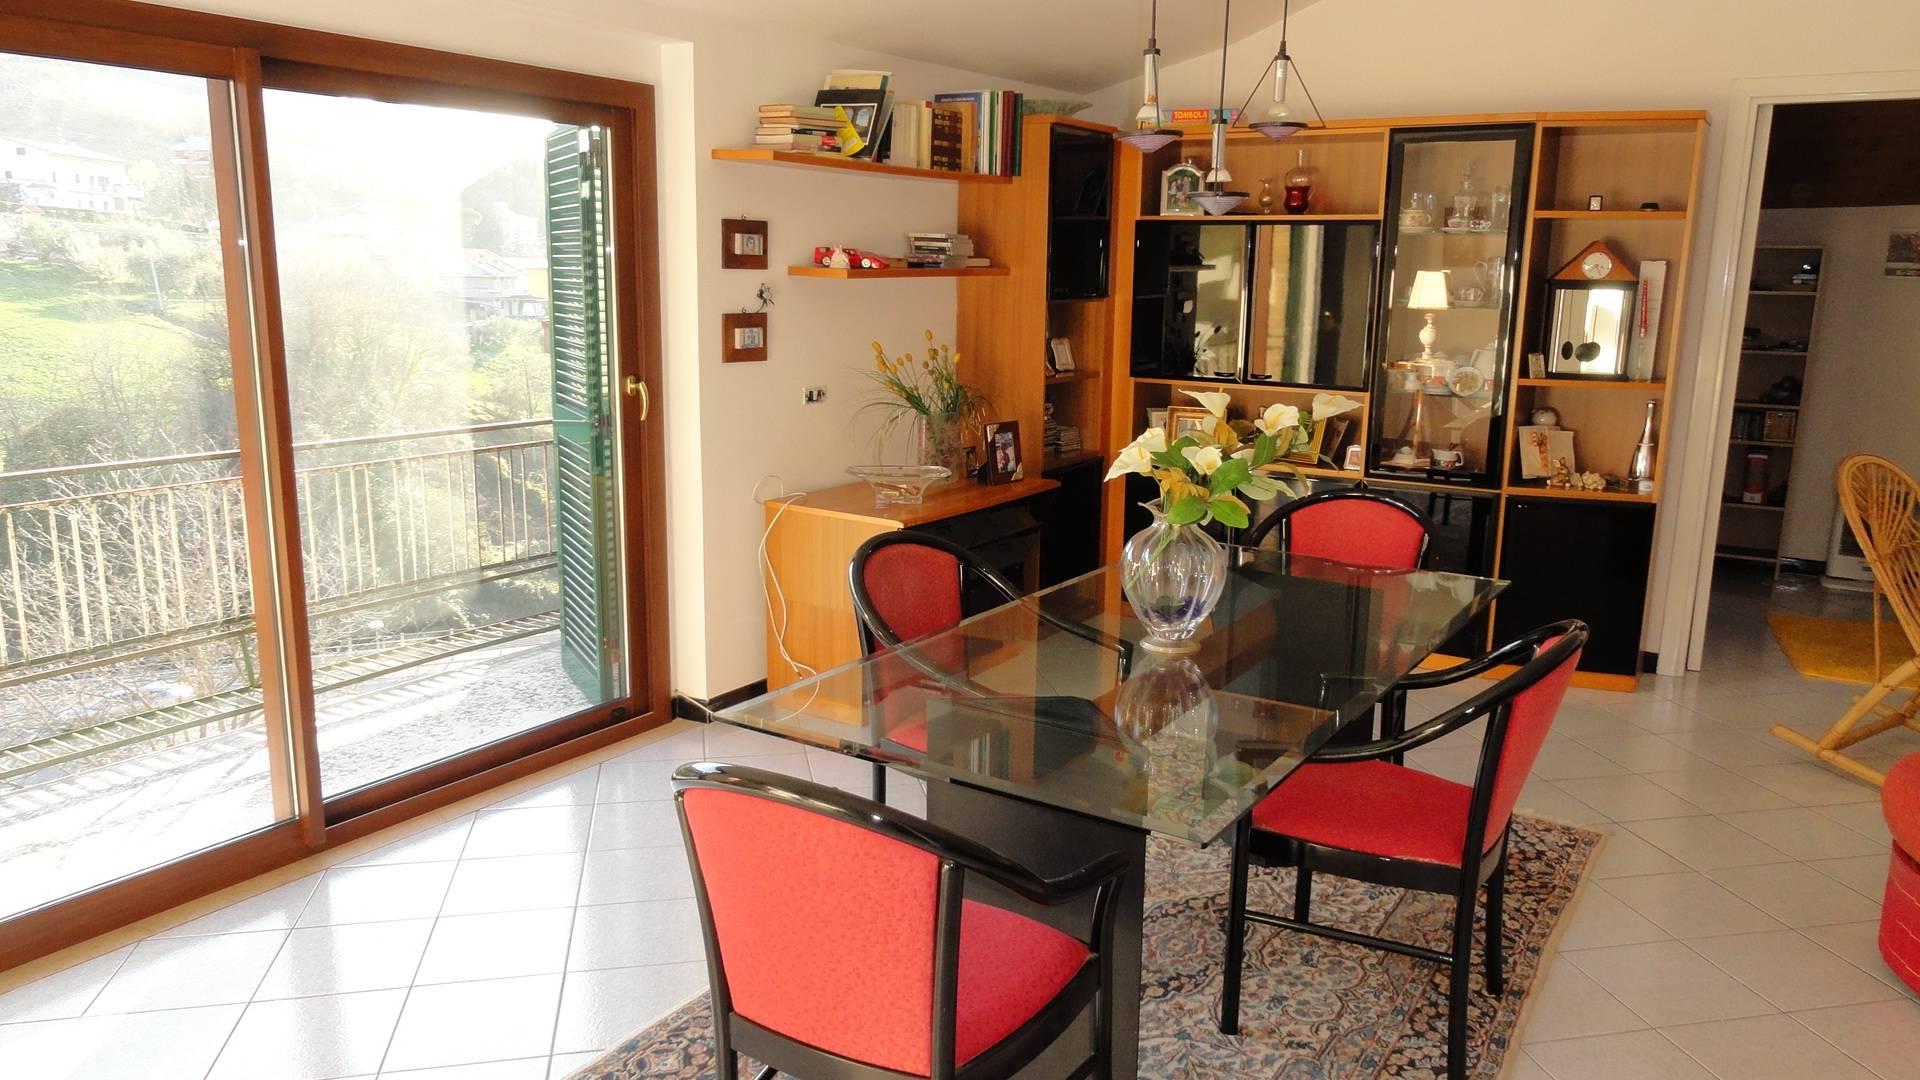 Soluzione Indipendente in vendita a Teramo, 5 locali, zona Zona: Centro , prezzo € 125.000 | CambioCasa.it